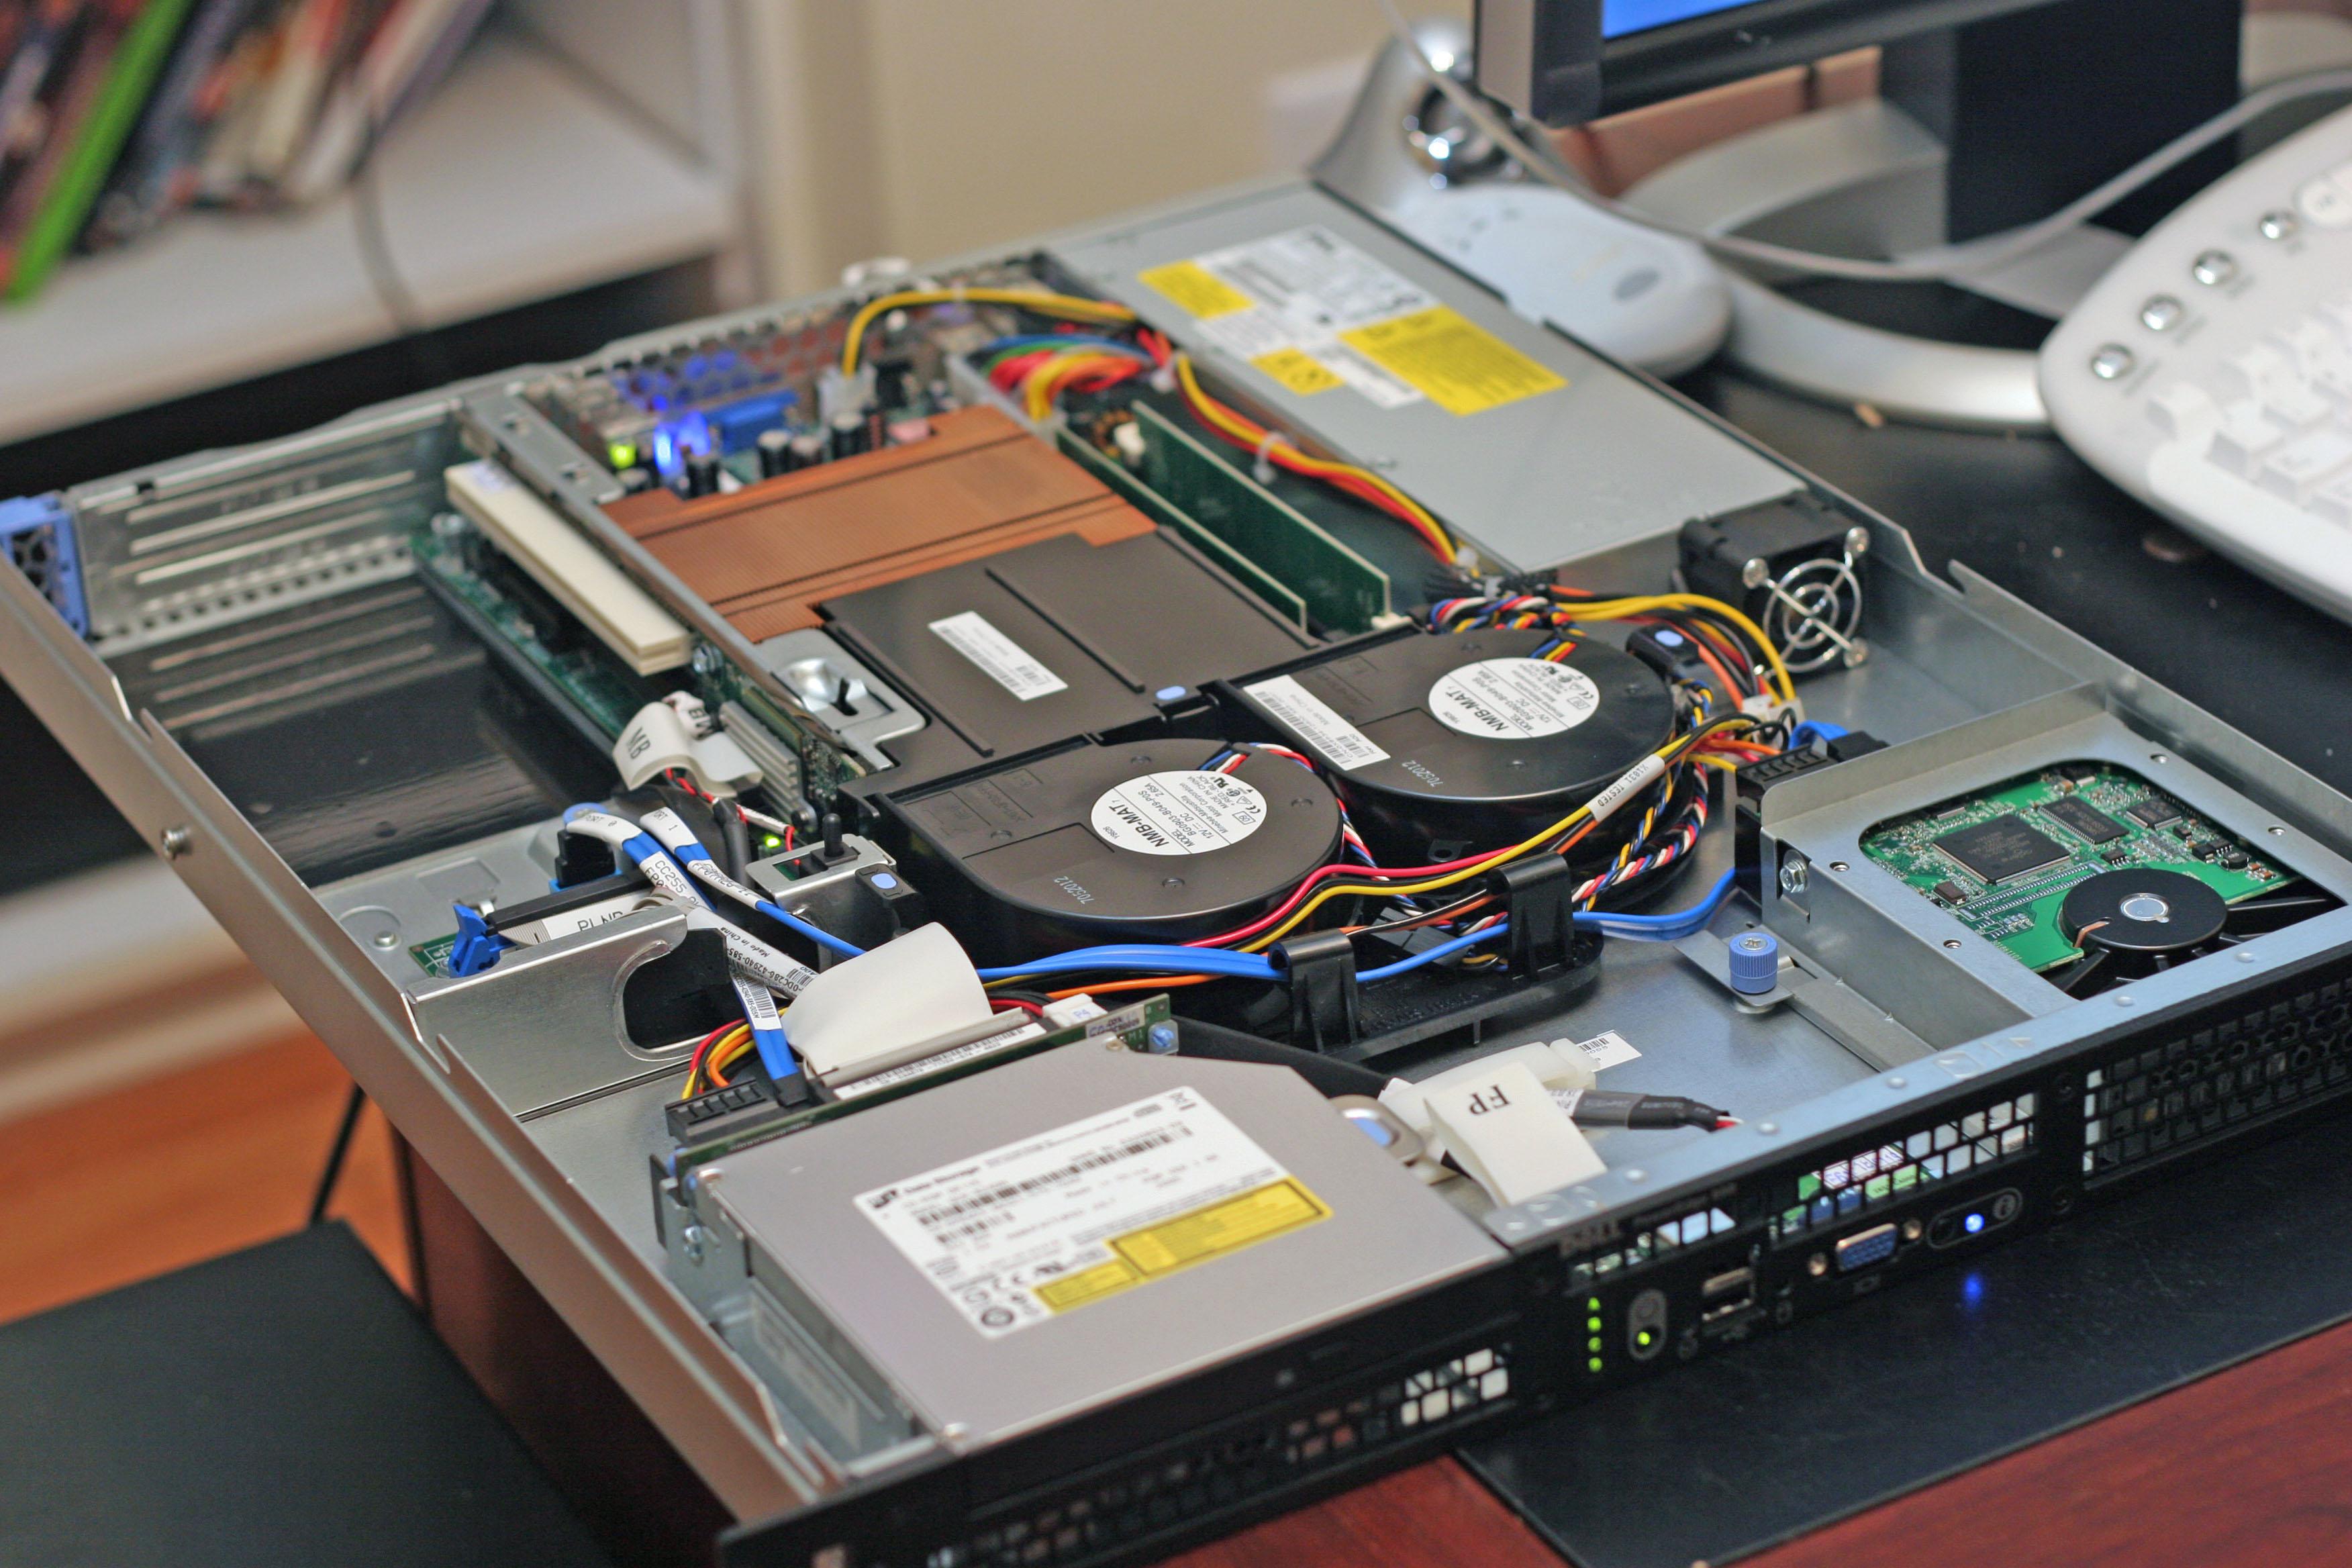 3 Cara Efektif Merawat Server Dan Jaringannya_2